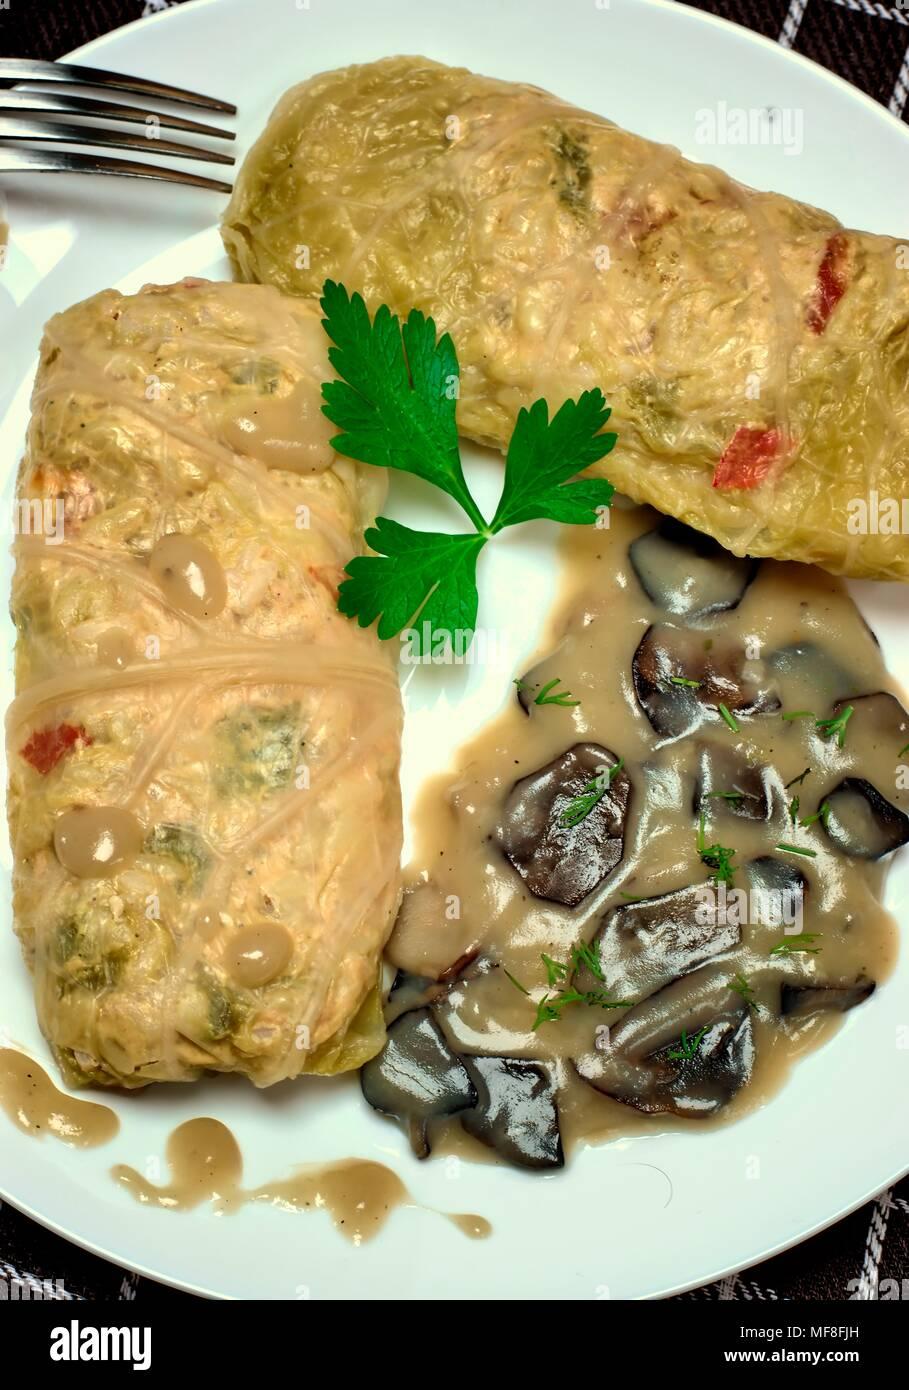 Mushroom sauce - nutritious and tasty 88